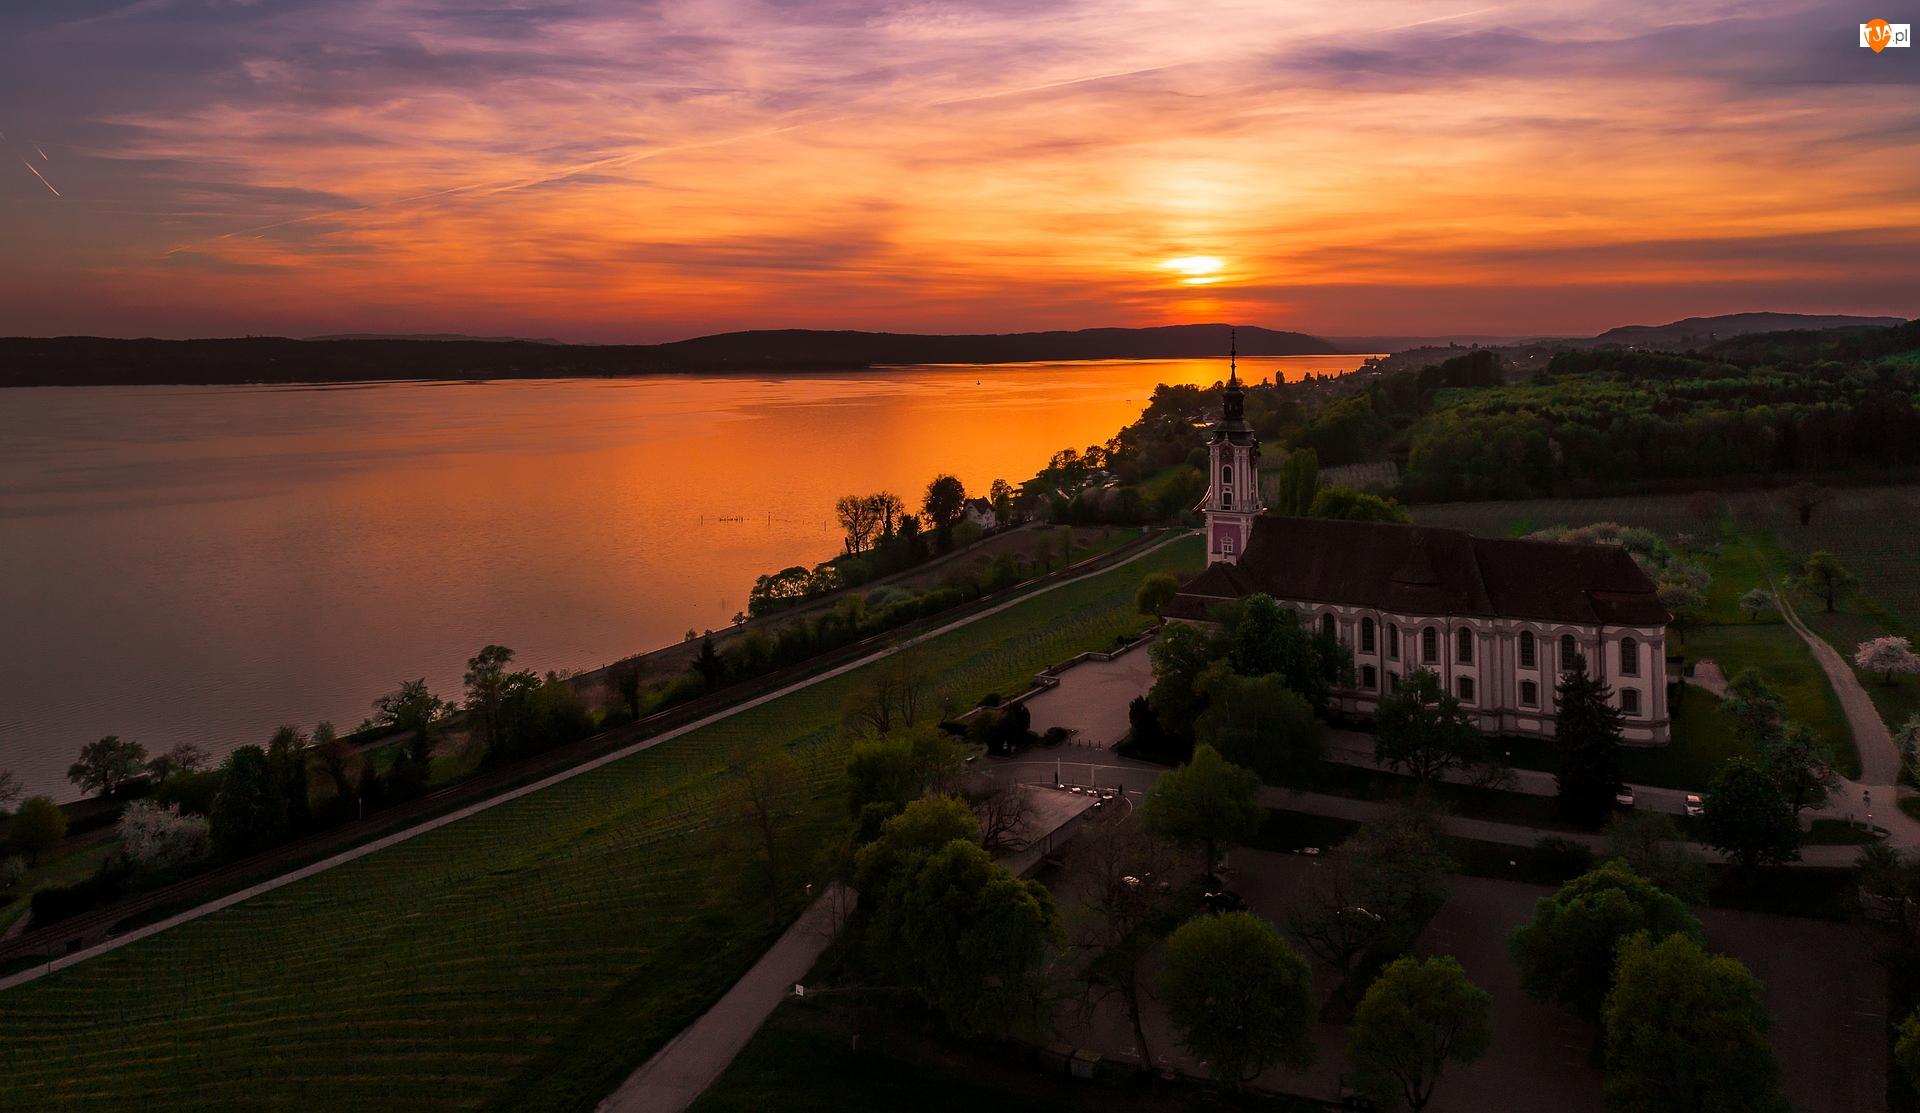 Bazylika Birnau, Kościół, Zachód słońca, Niemcy, Jezioro Bodeńskie, Uhldingen-Muhlhofen